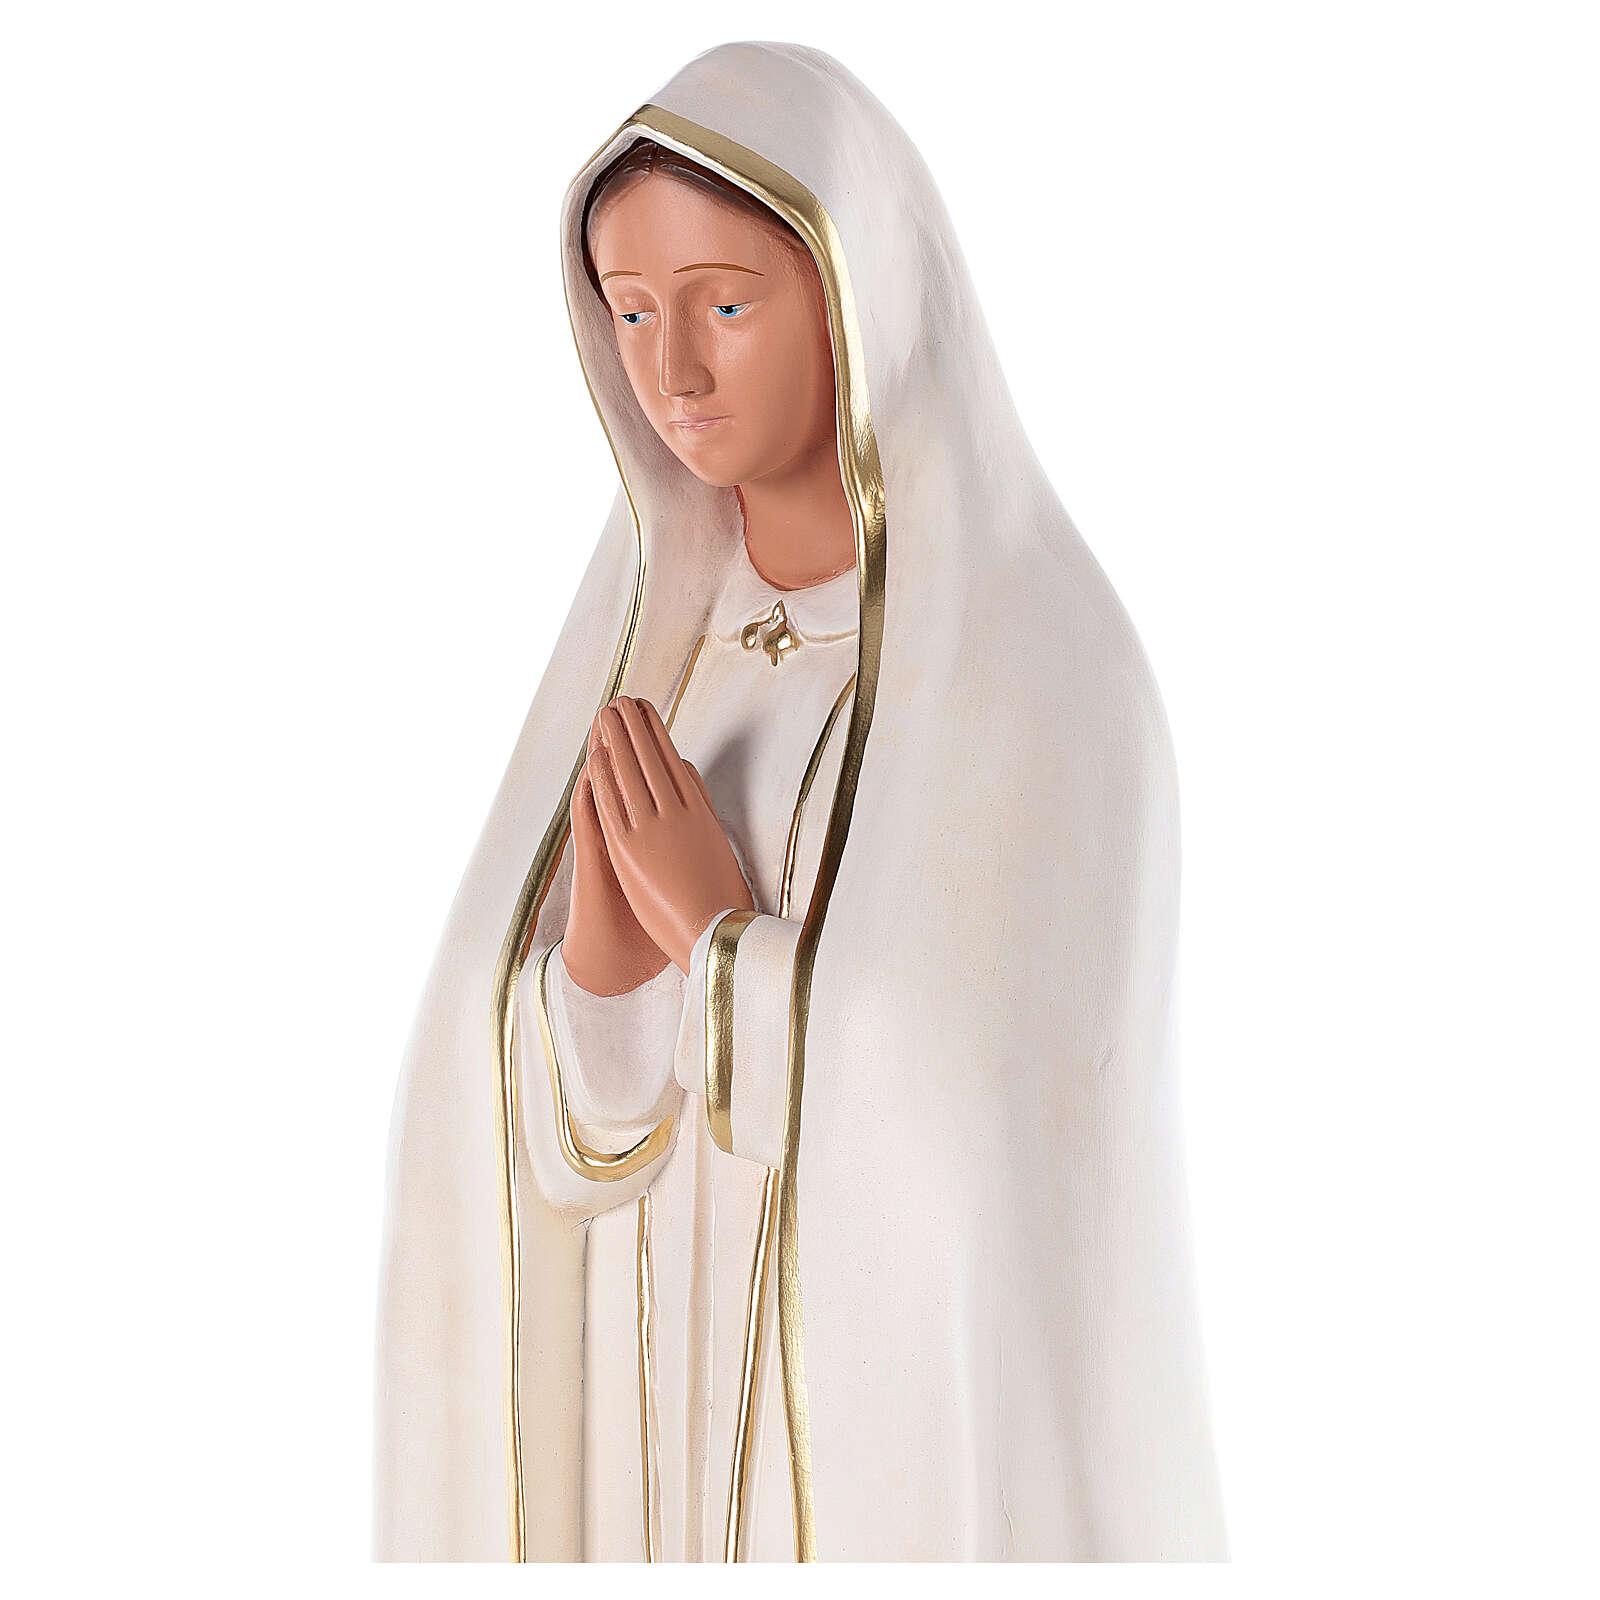 Statua Madonna di Fatima 80 cm gesso dipinto a mano Barsanti 4